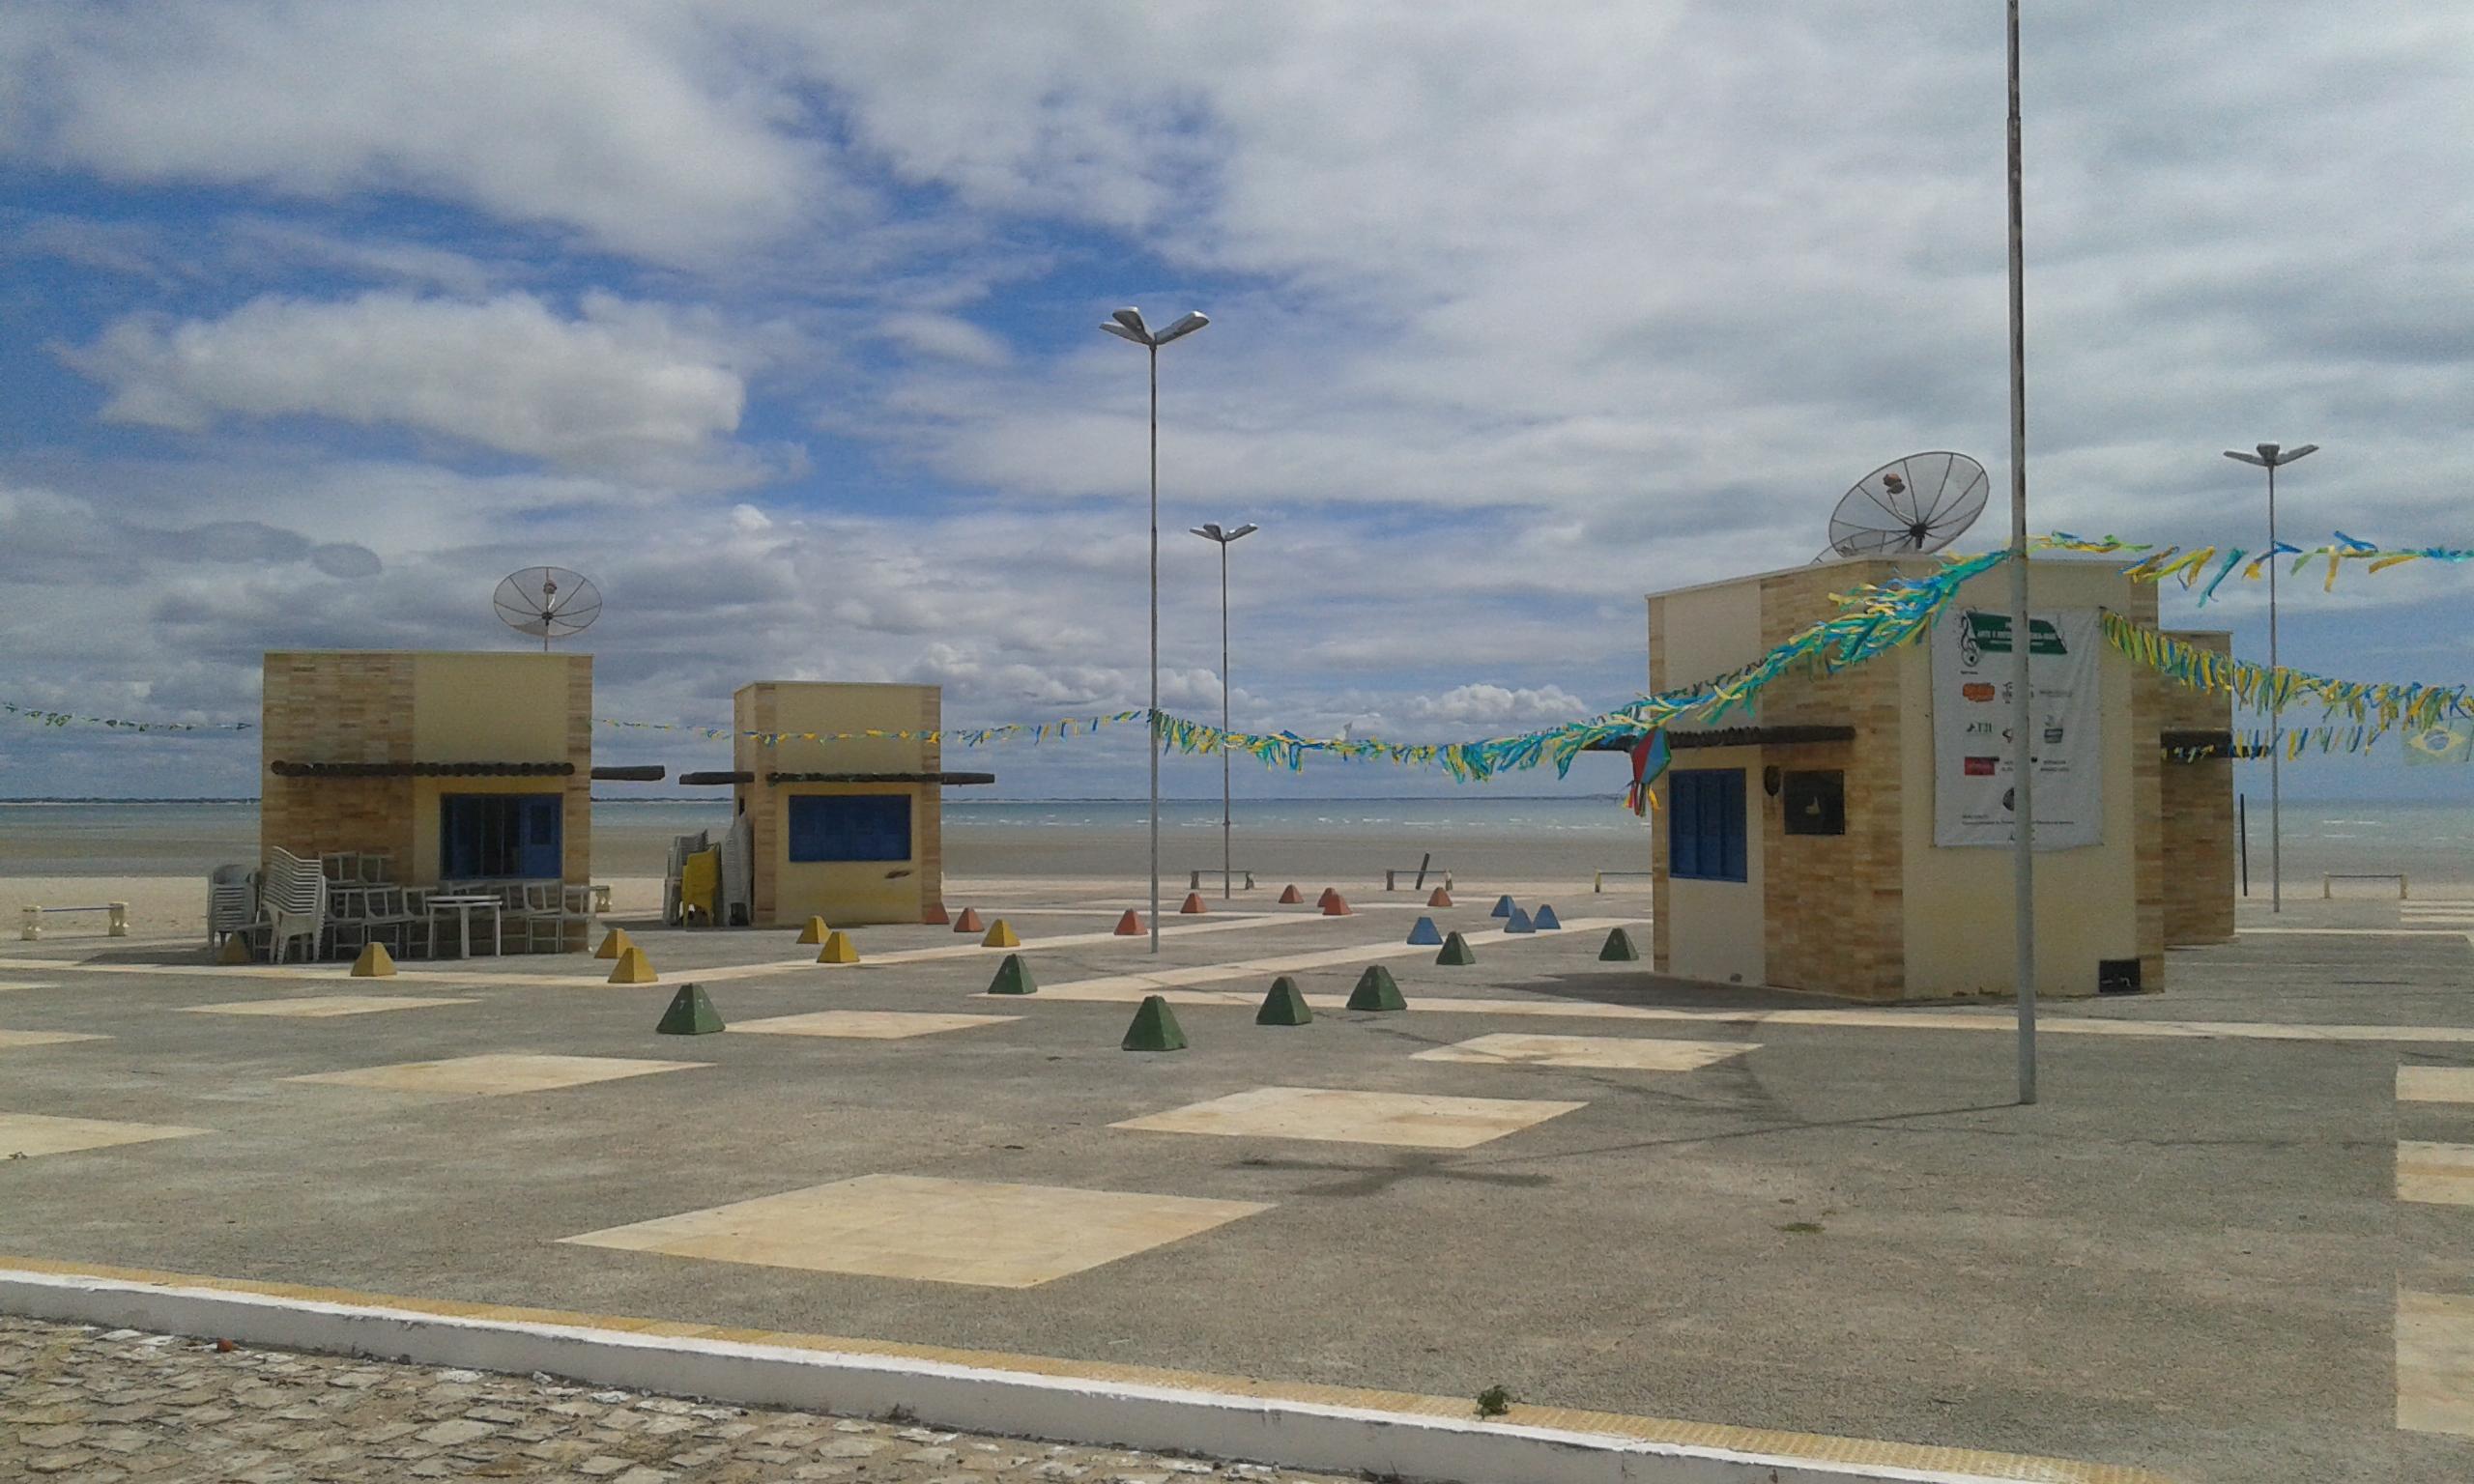 La place d'événements  à la plage d'Upanema à Areia Branca. (Crédit photo: Fabio Santana).